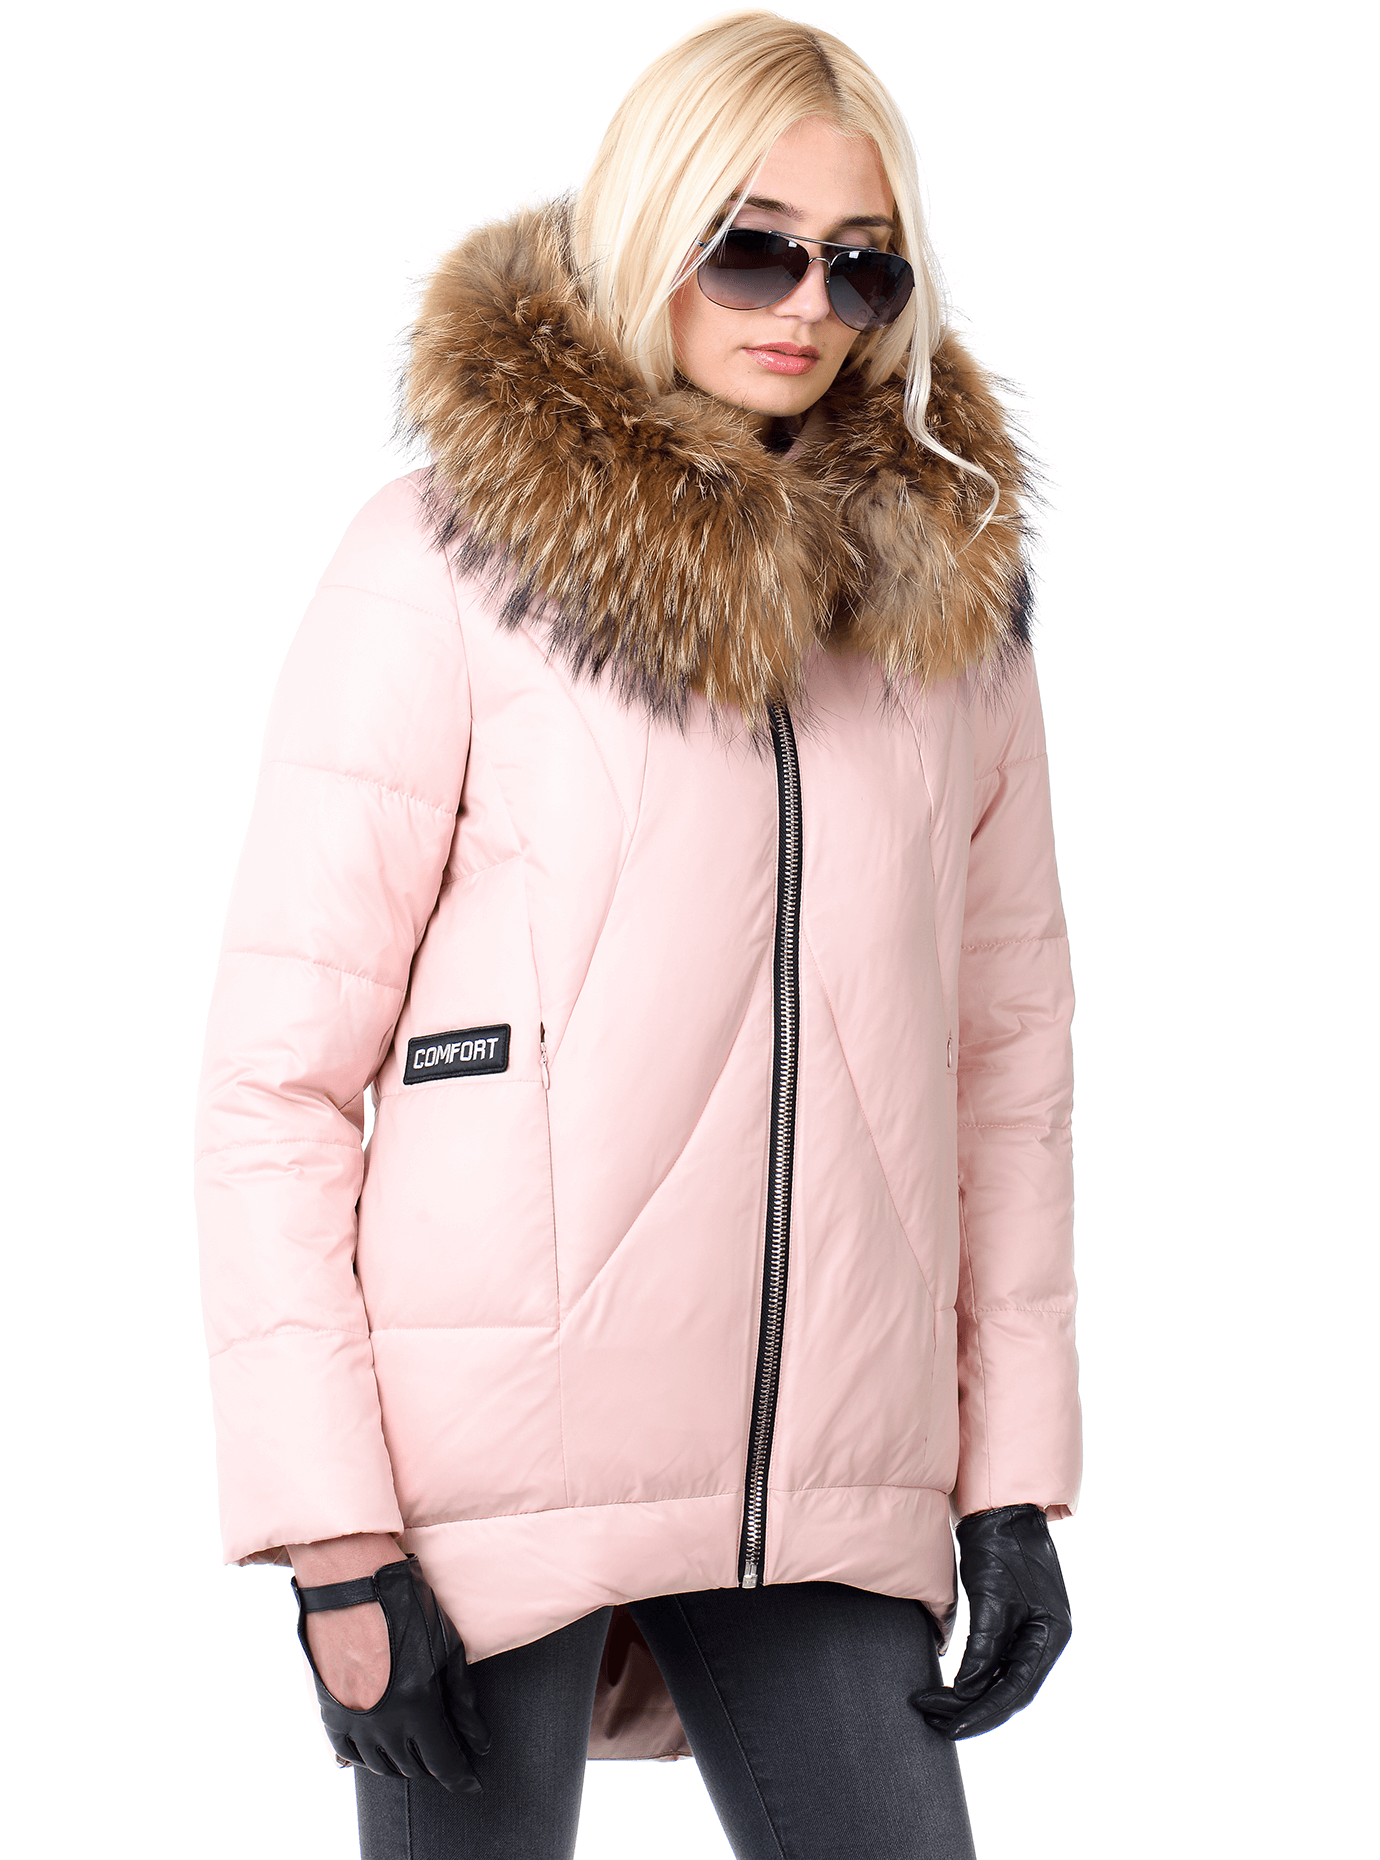 Куртка средней длины с натуральным мехом енота Розовый S (05-V191288): фото - Alster.ua